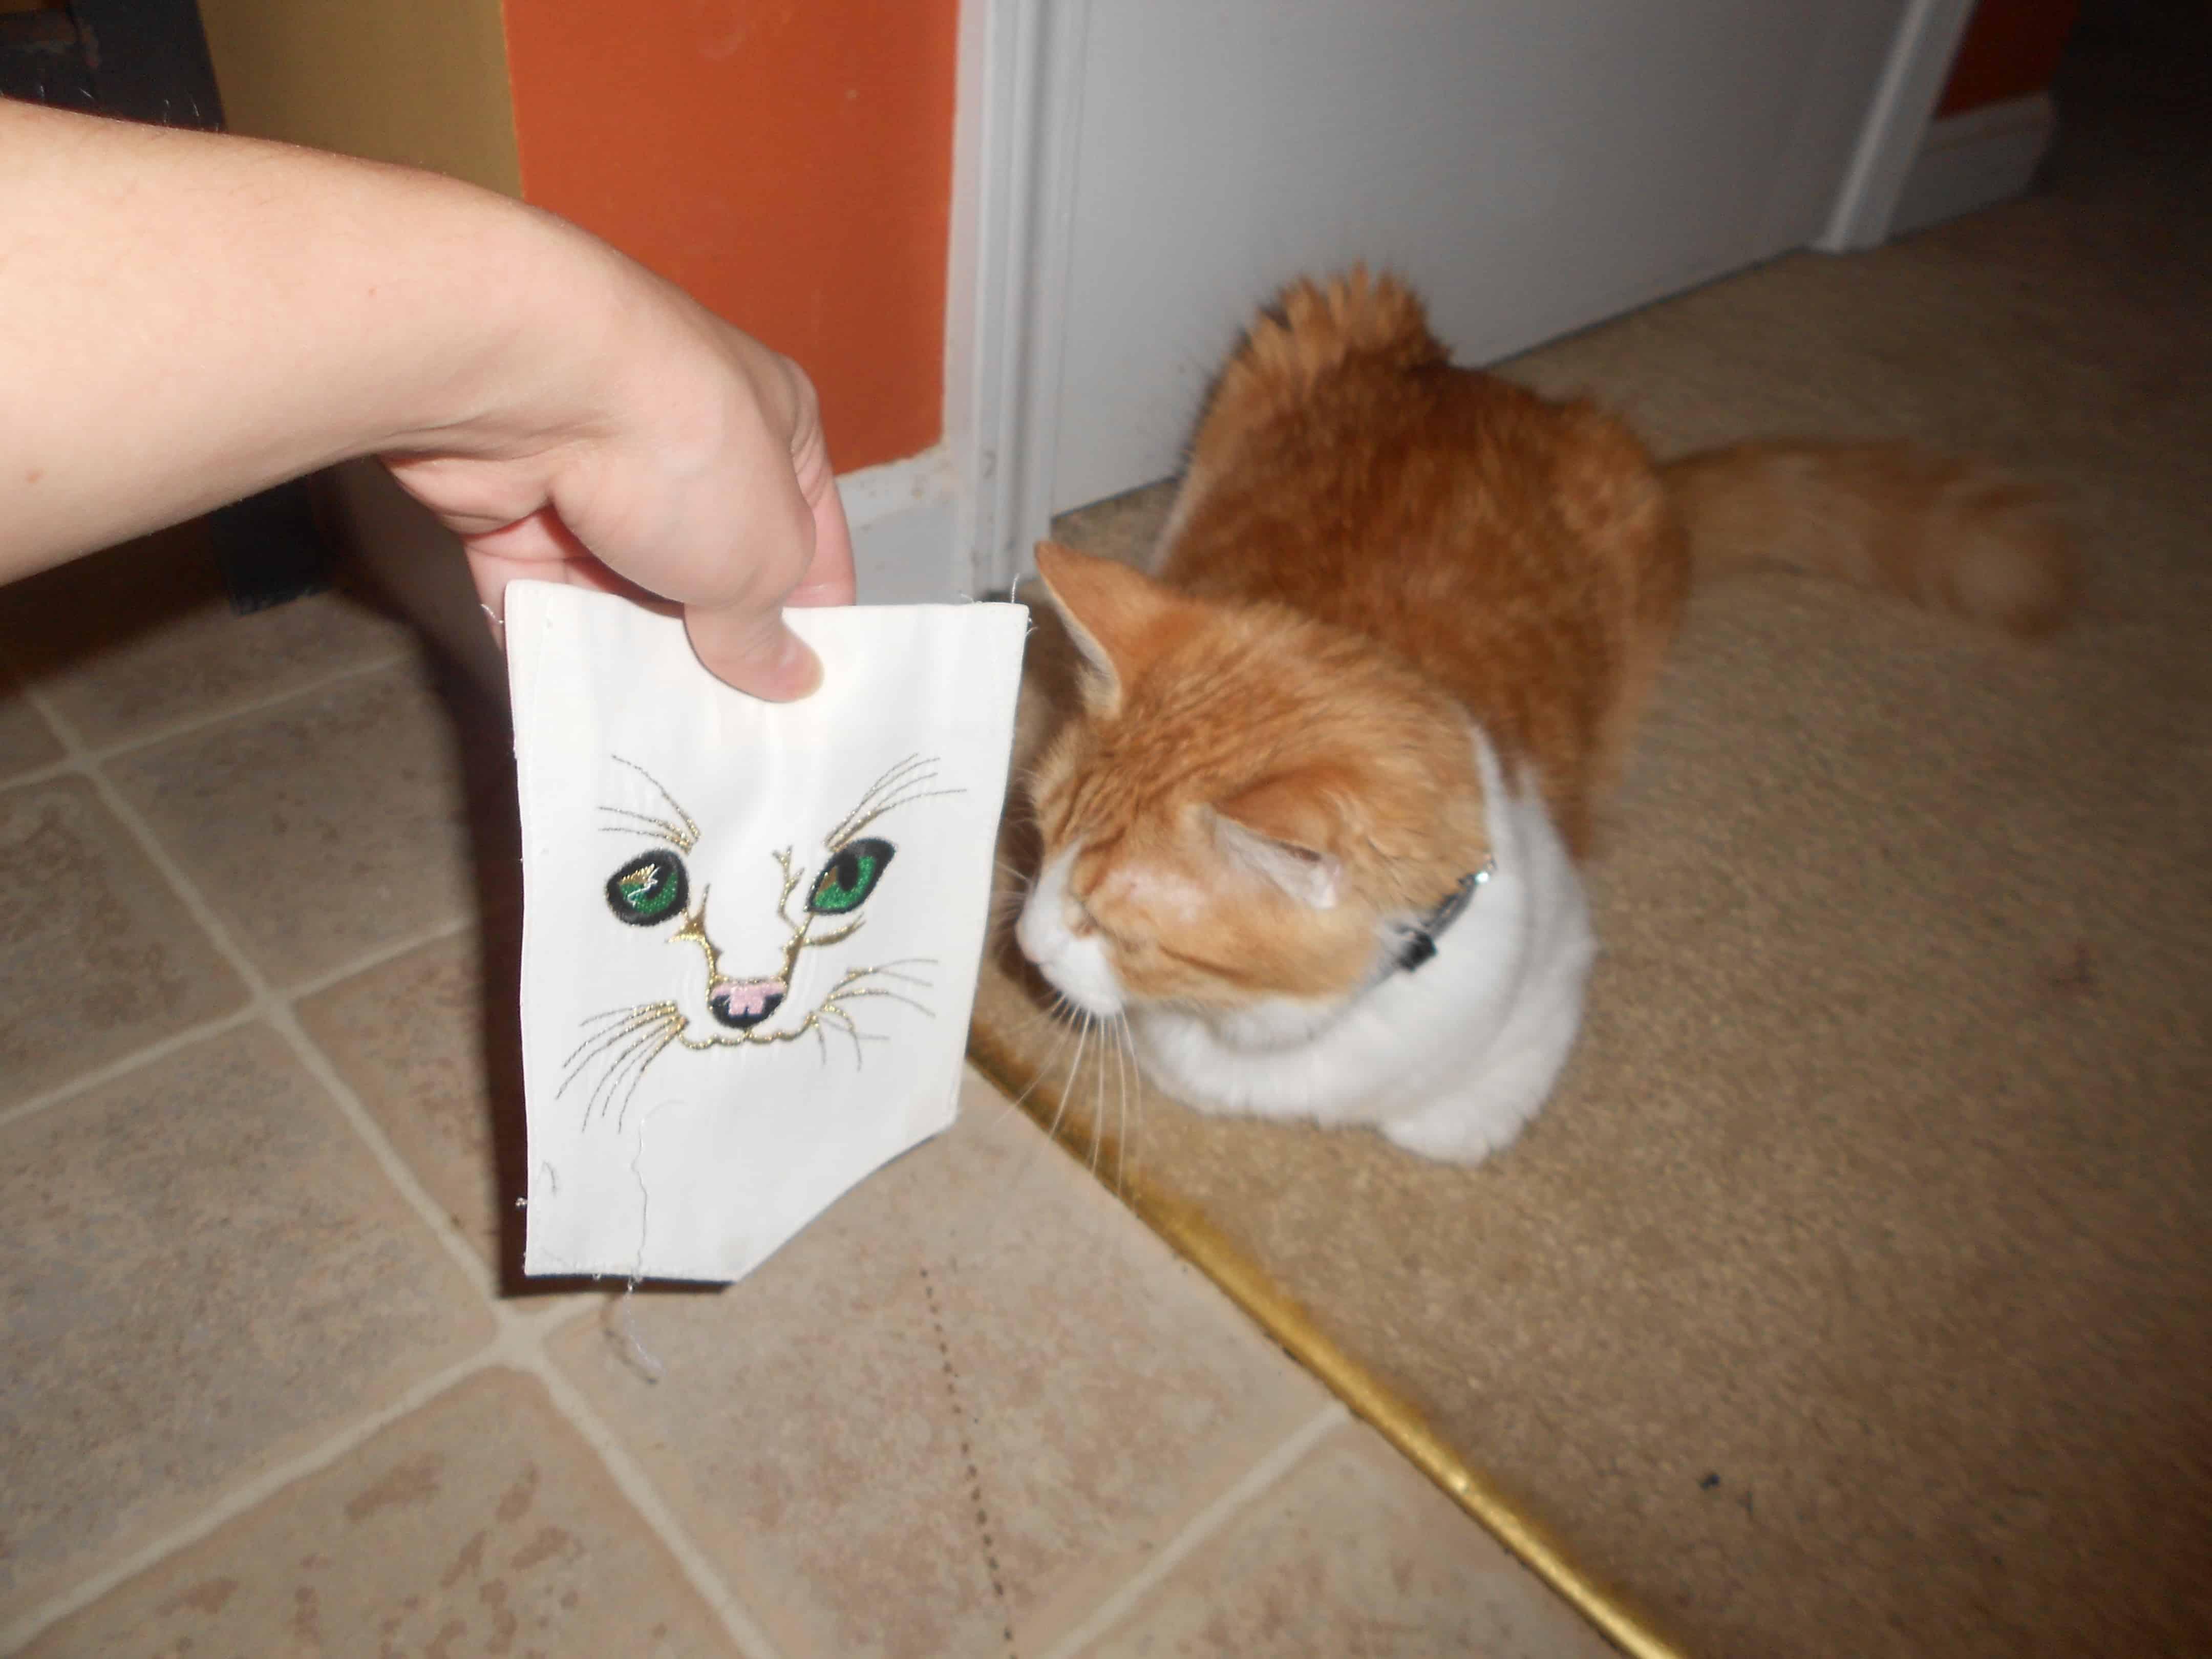 cat looking at cat pocket